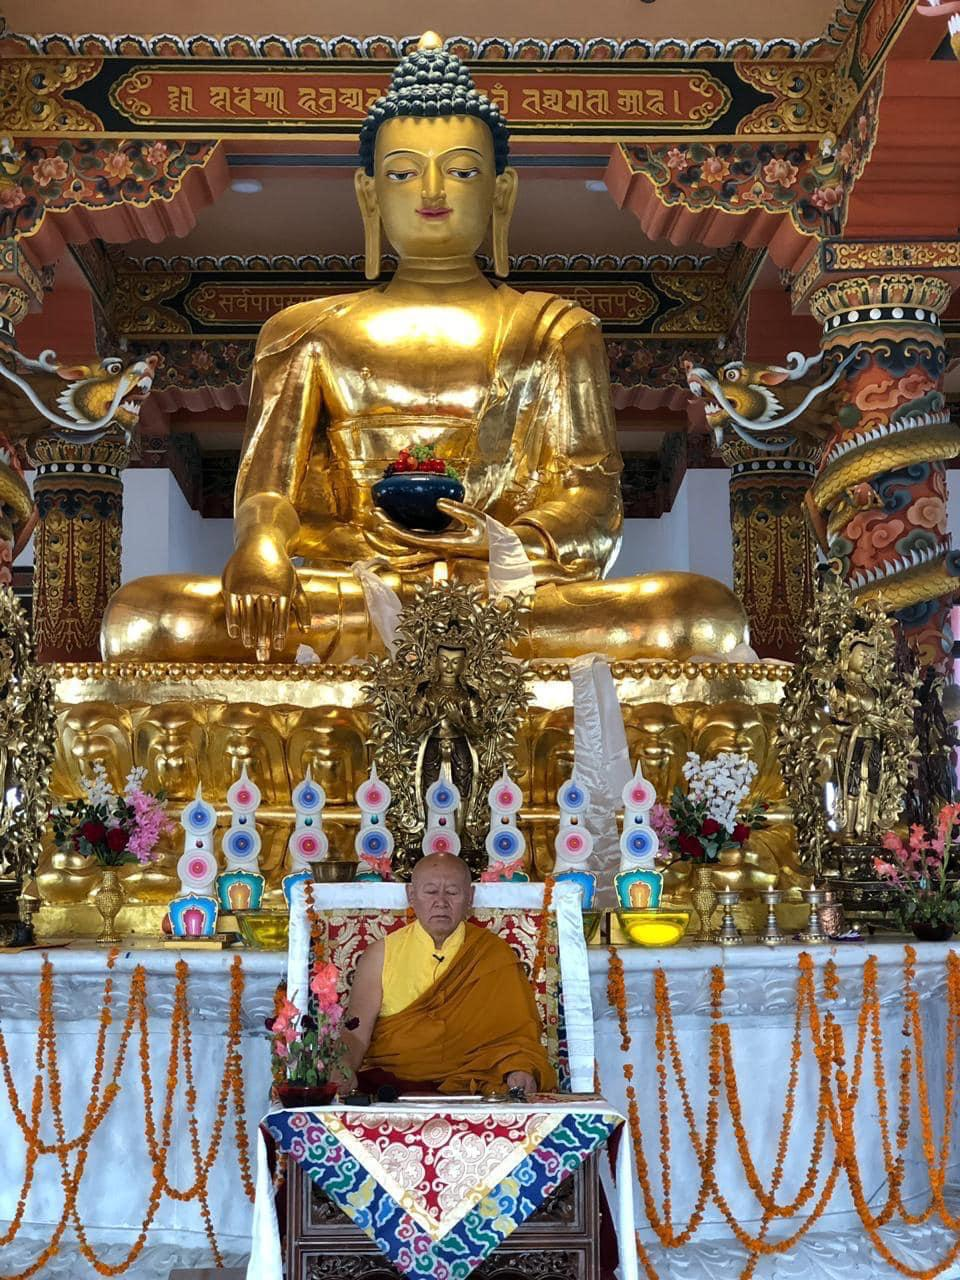 直贡法王在圣地舍卫城重现佛教荣光。(图片来自网络)